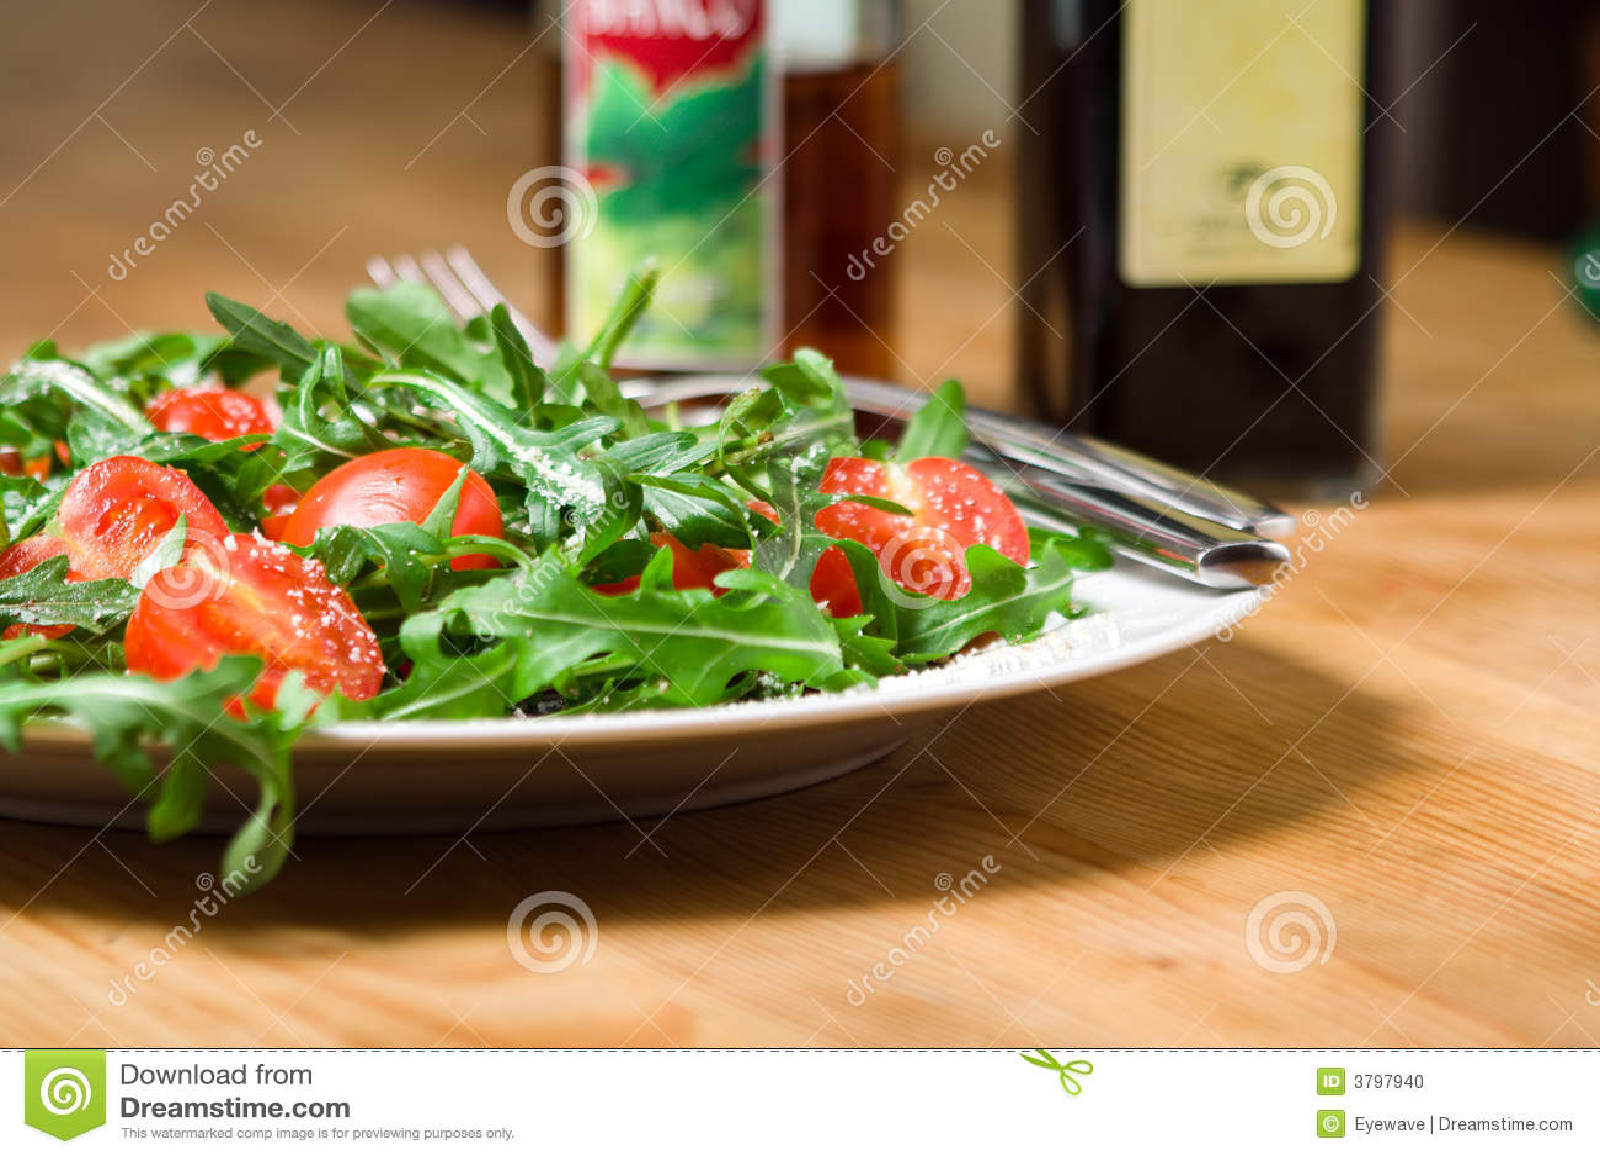 Sałatkę rucola pomidorów